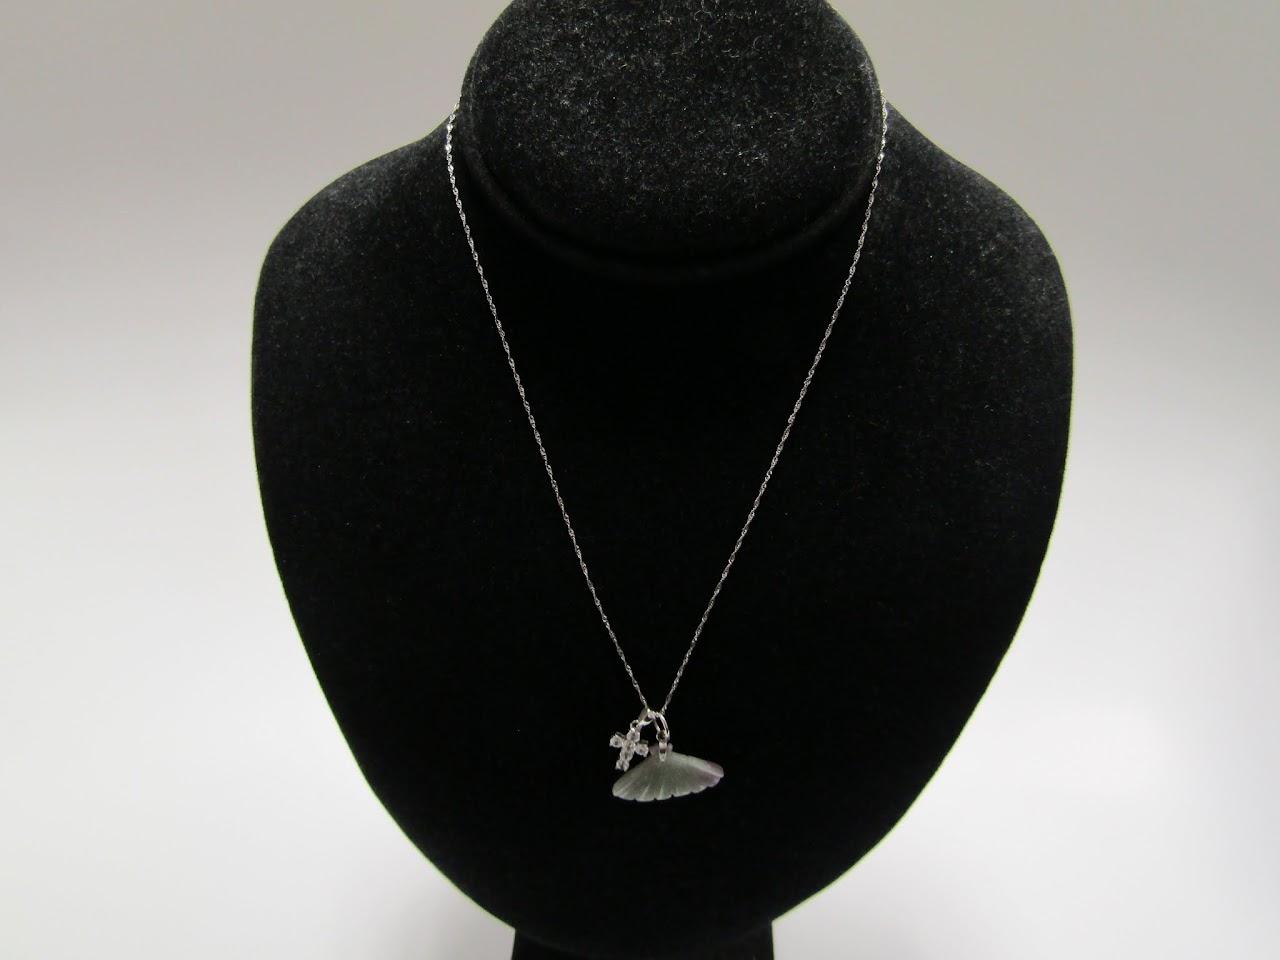 10 K Double Pendant Necklace